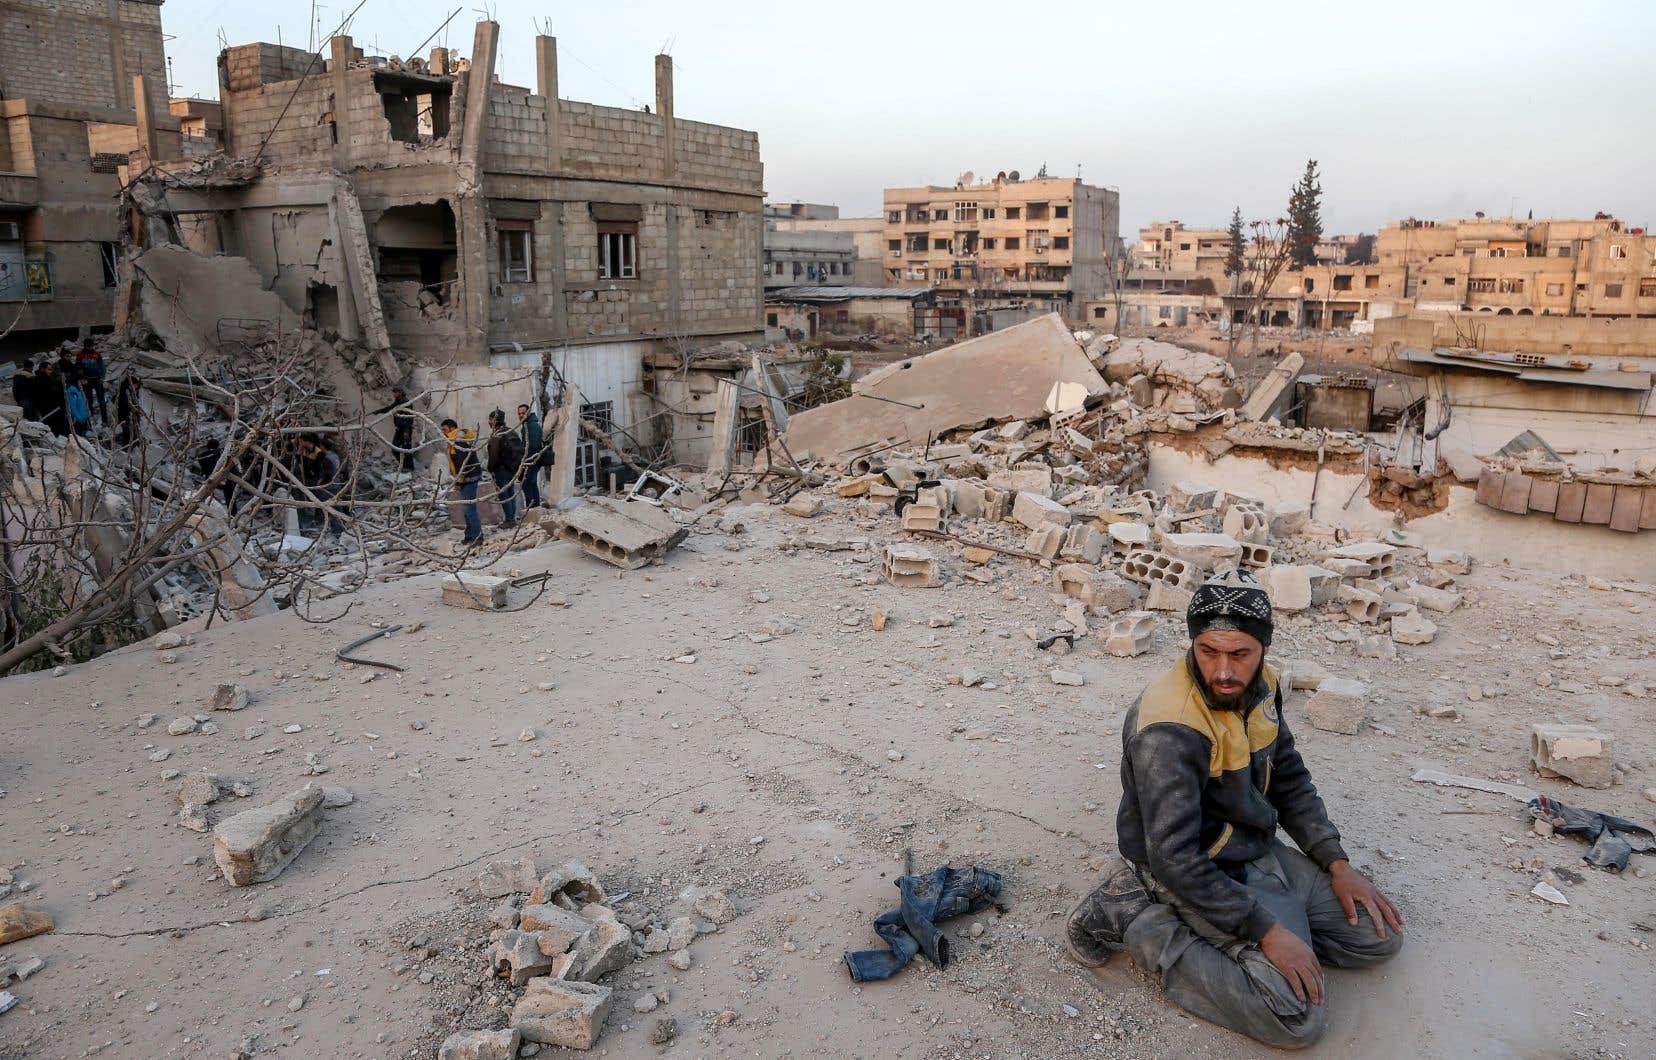 Un secouriste se tenait mardi à proximité d'un immeuble détruit par des bombardements du régime de Bachar al-Assad, dans la ville rebelle d'Arbin en Syrie.